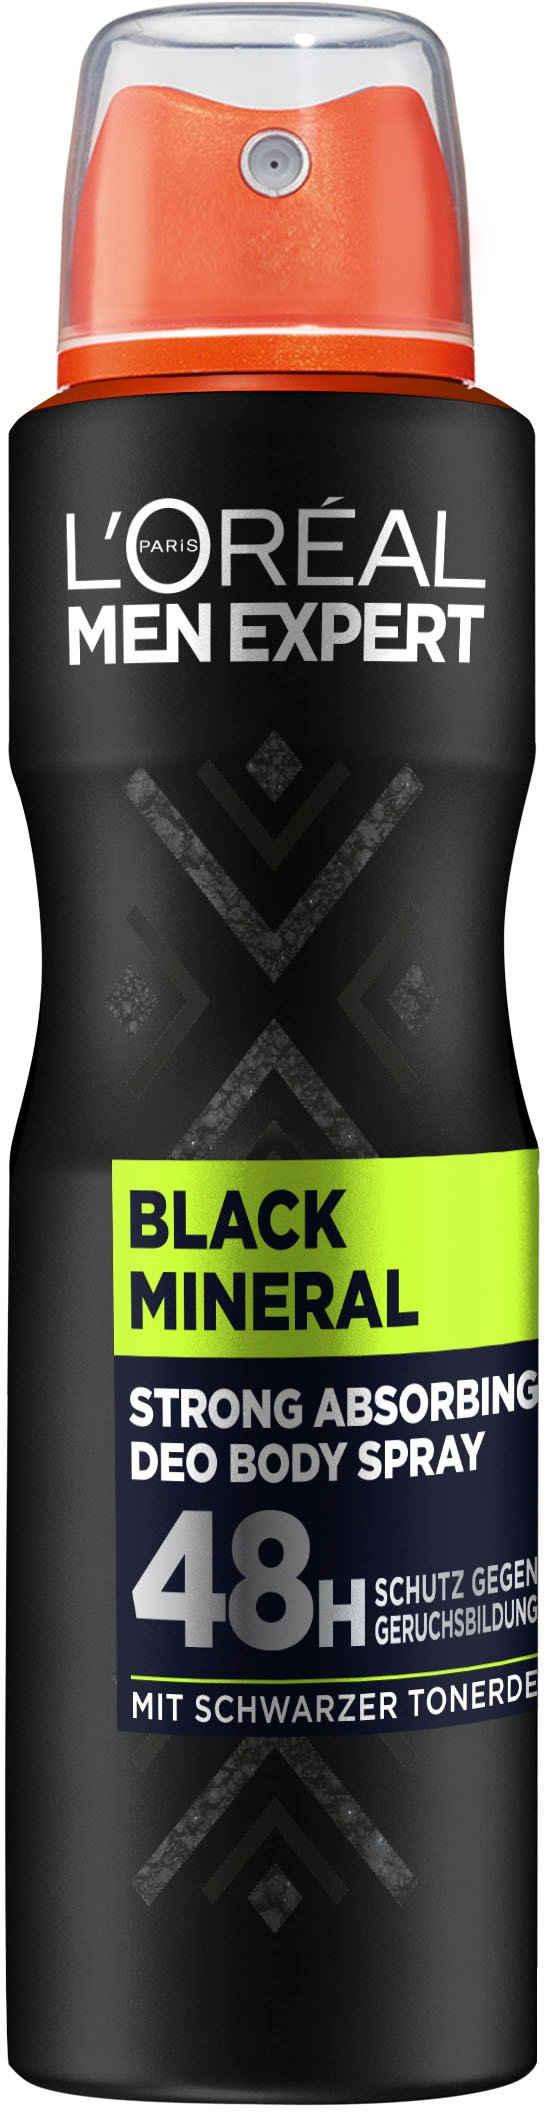 L'ORÉAL PARIS MEN EXPERT Deo-Spray »Black Mineral«, absorbierender Schutz gegen Gerüche, ohne Aluminium